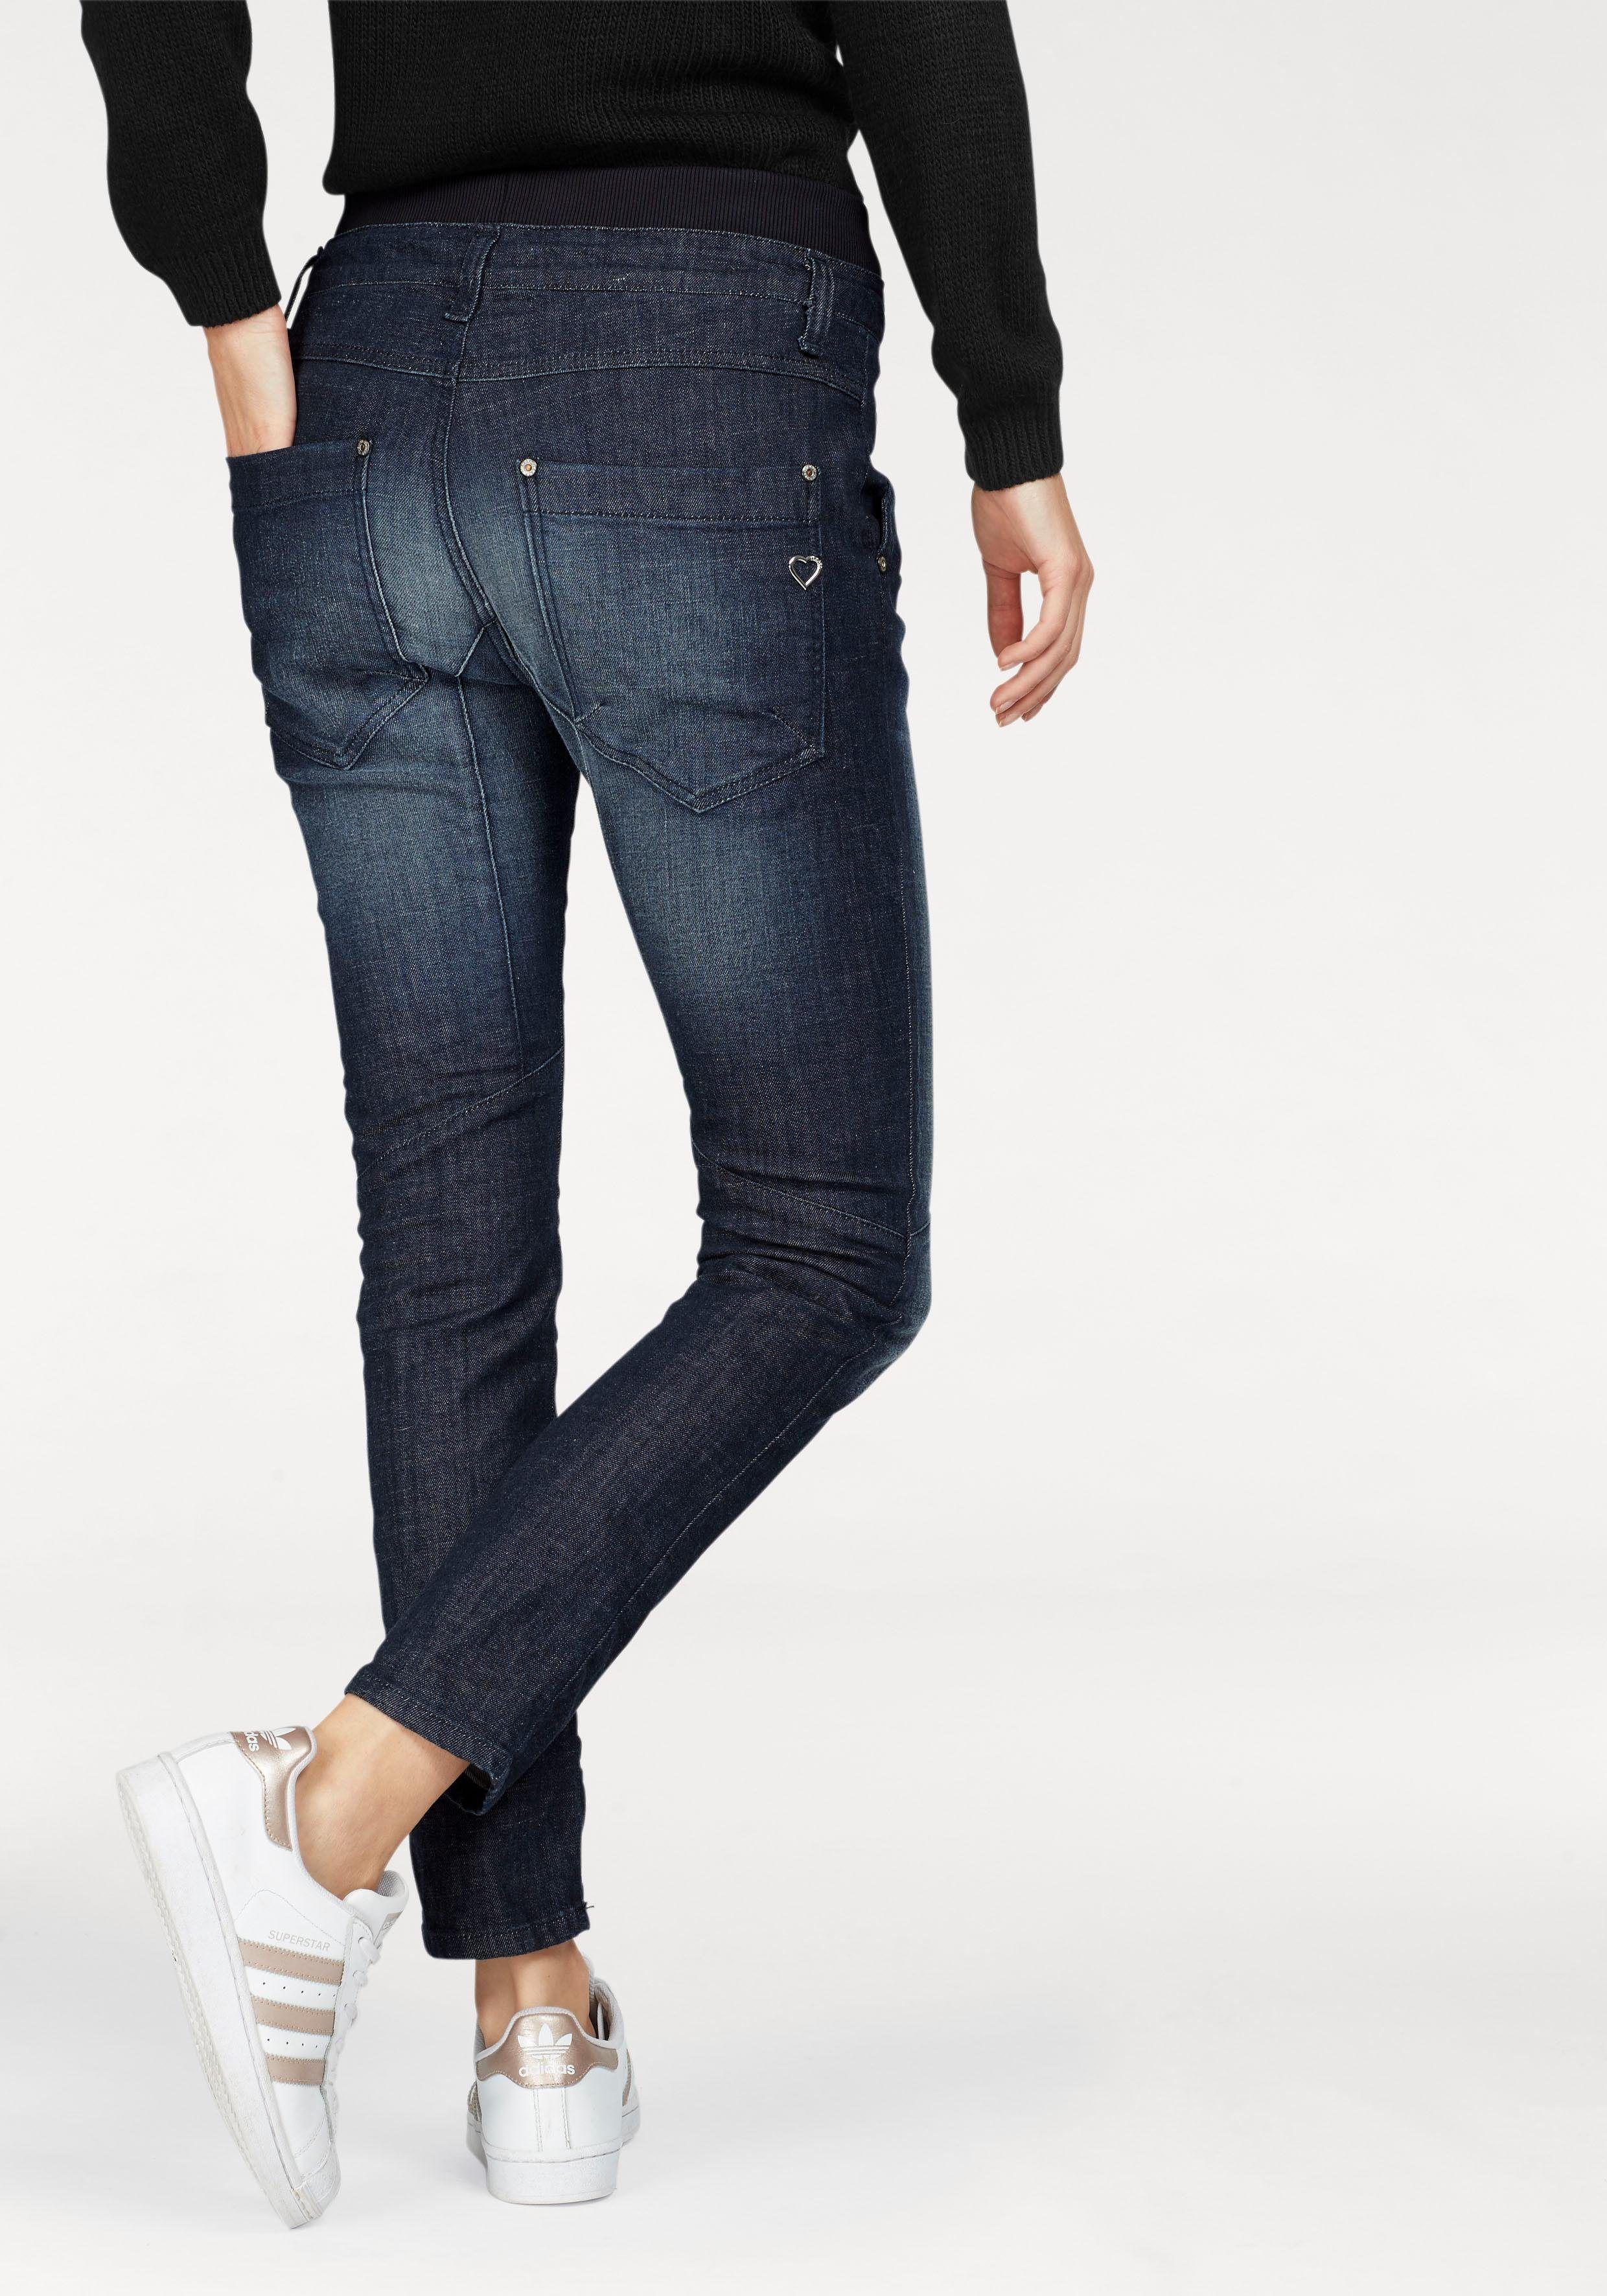 2019 authentisch Modestile professionelles Design PLEASE #Bekleidung #DENIM #Hosen #Jeans #Sale #Damen #Please ...